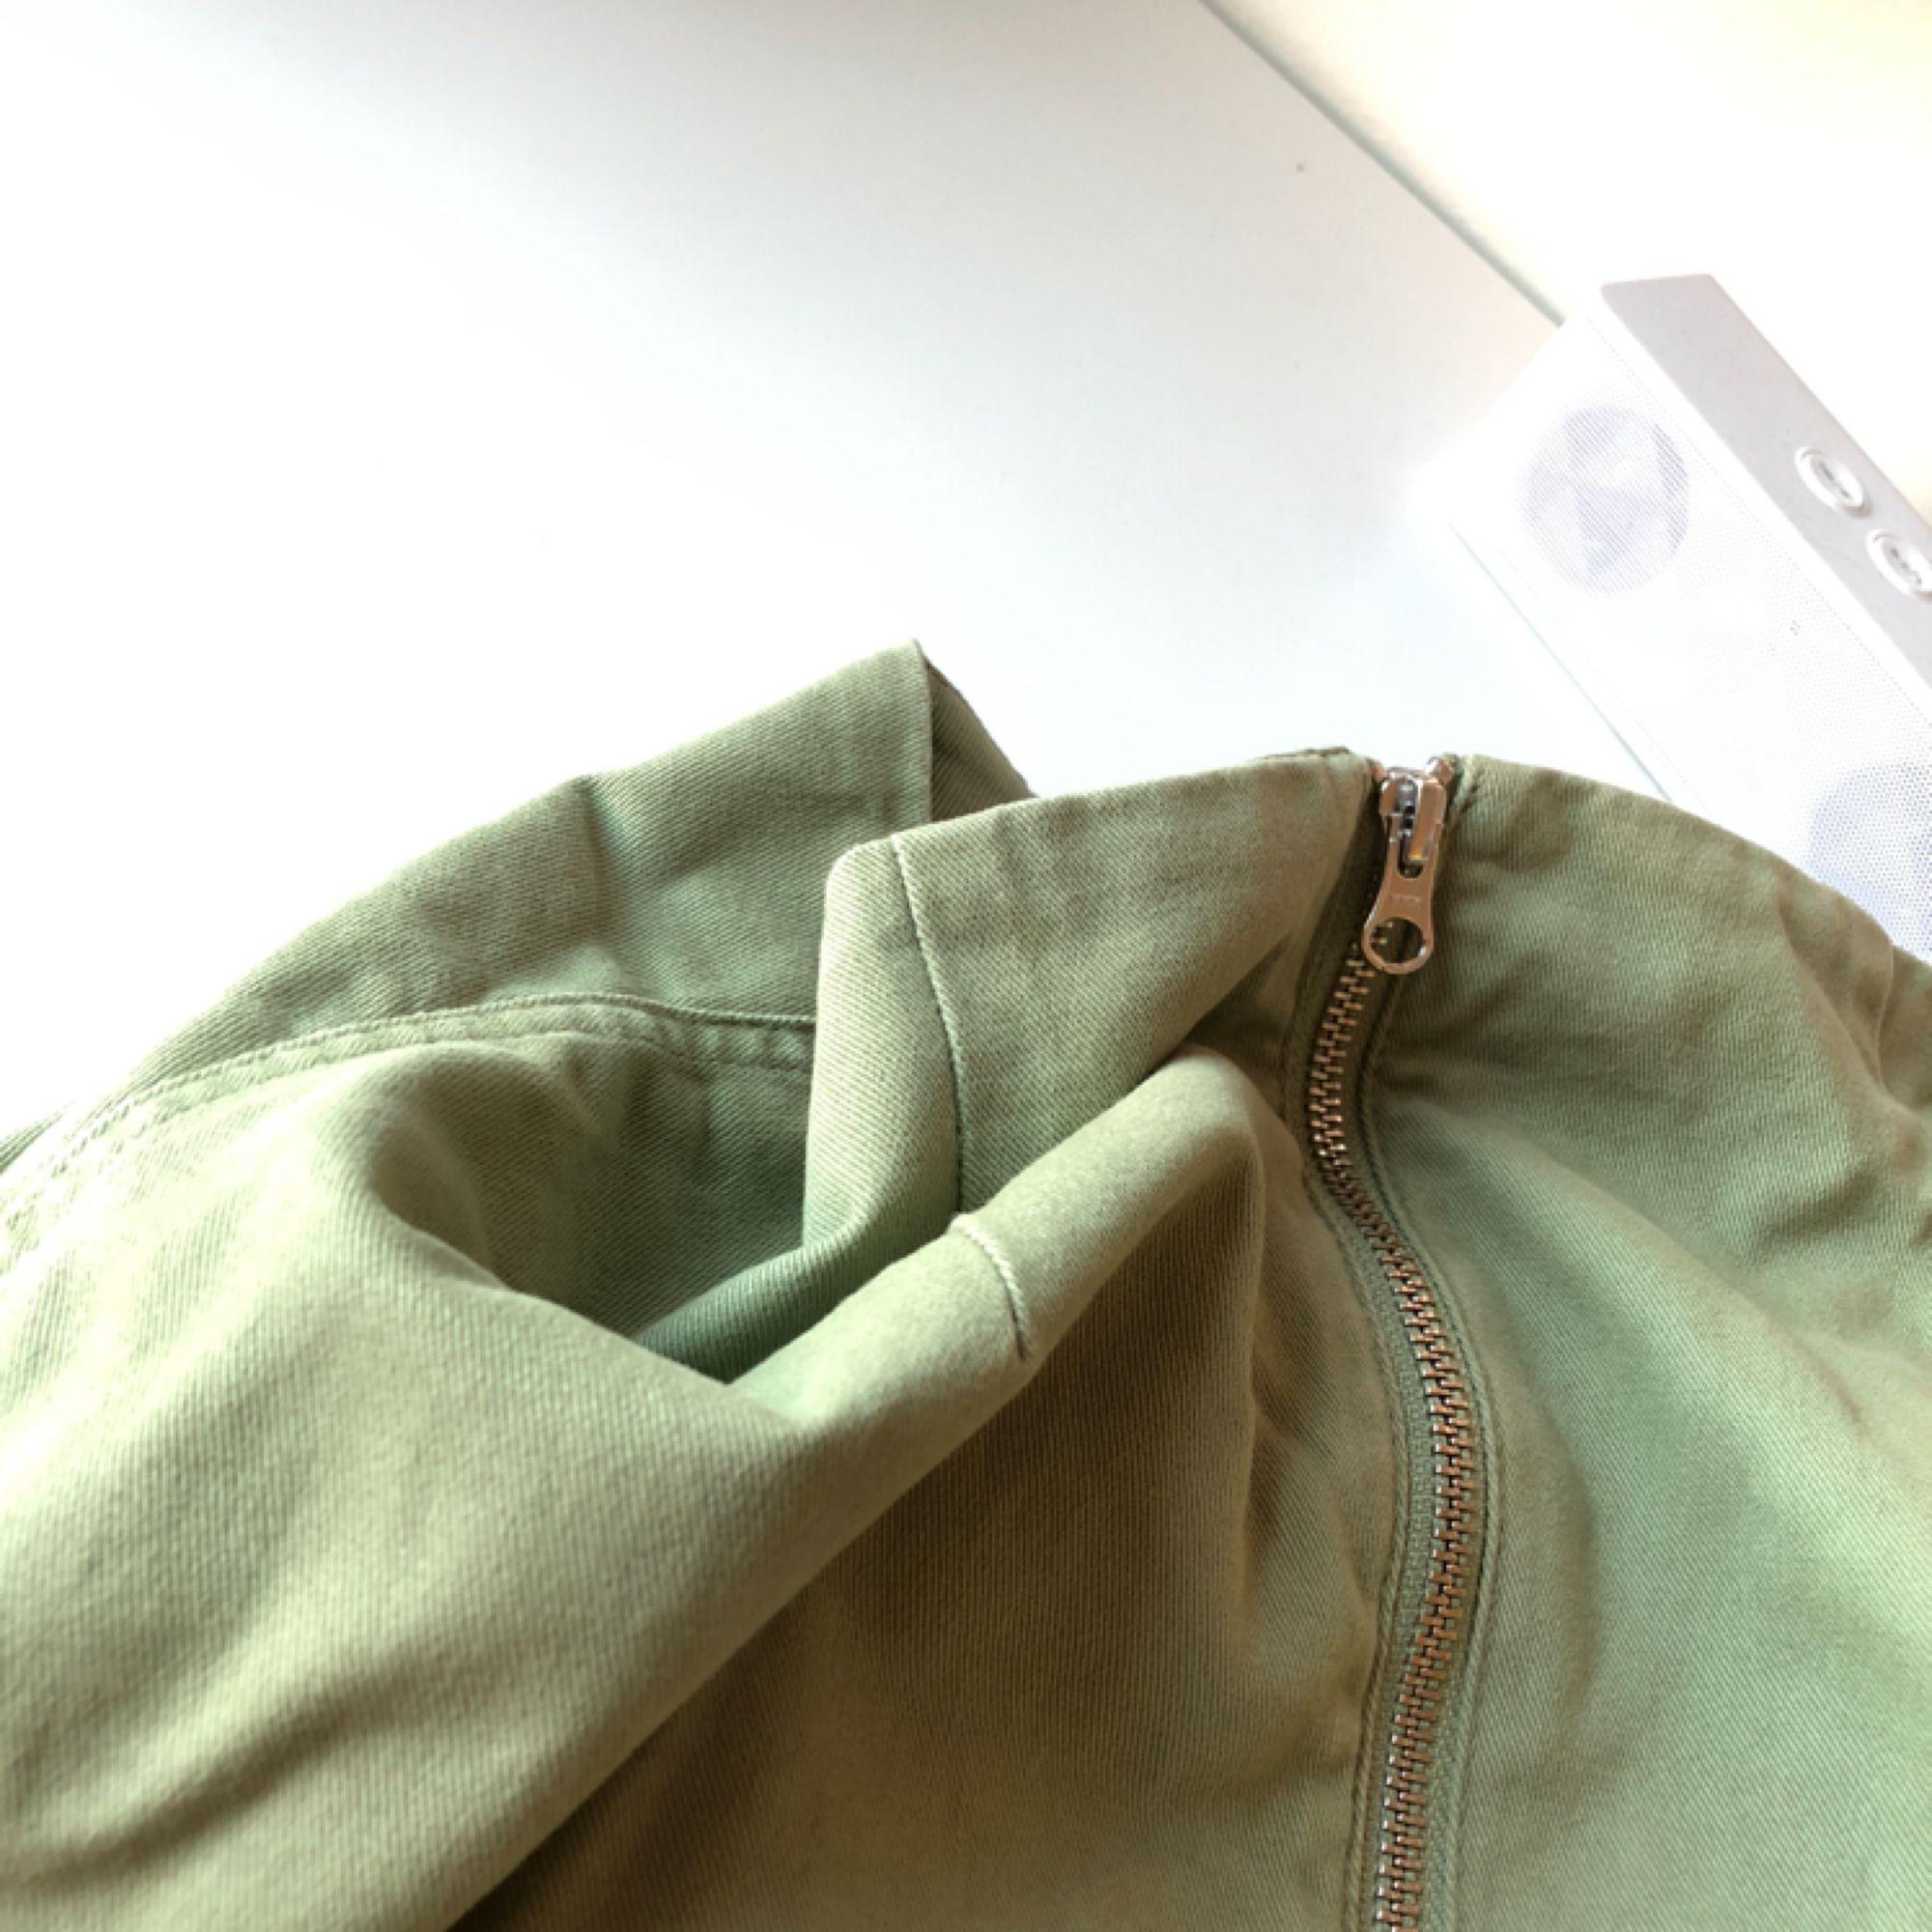 Grön kort kjol från Weekday, säljes pga för liten. Midjemått 64cm. Färgen stämmer bäst överens med sista bilden. Använd men inte sliten. Frakt inkluderad.. Kjolar.